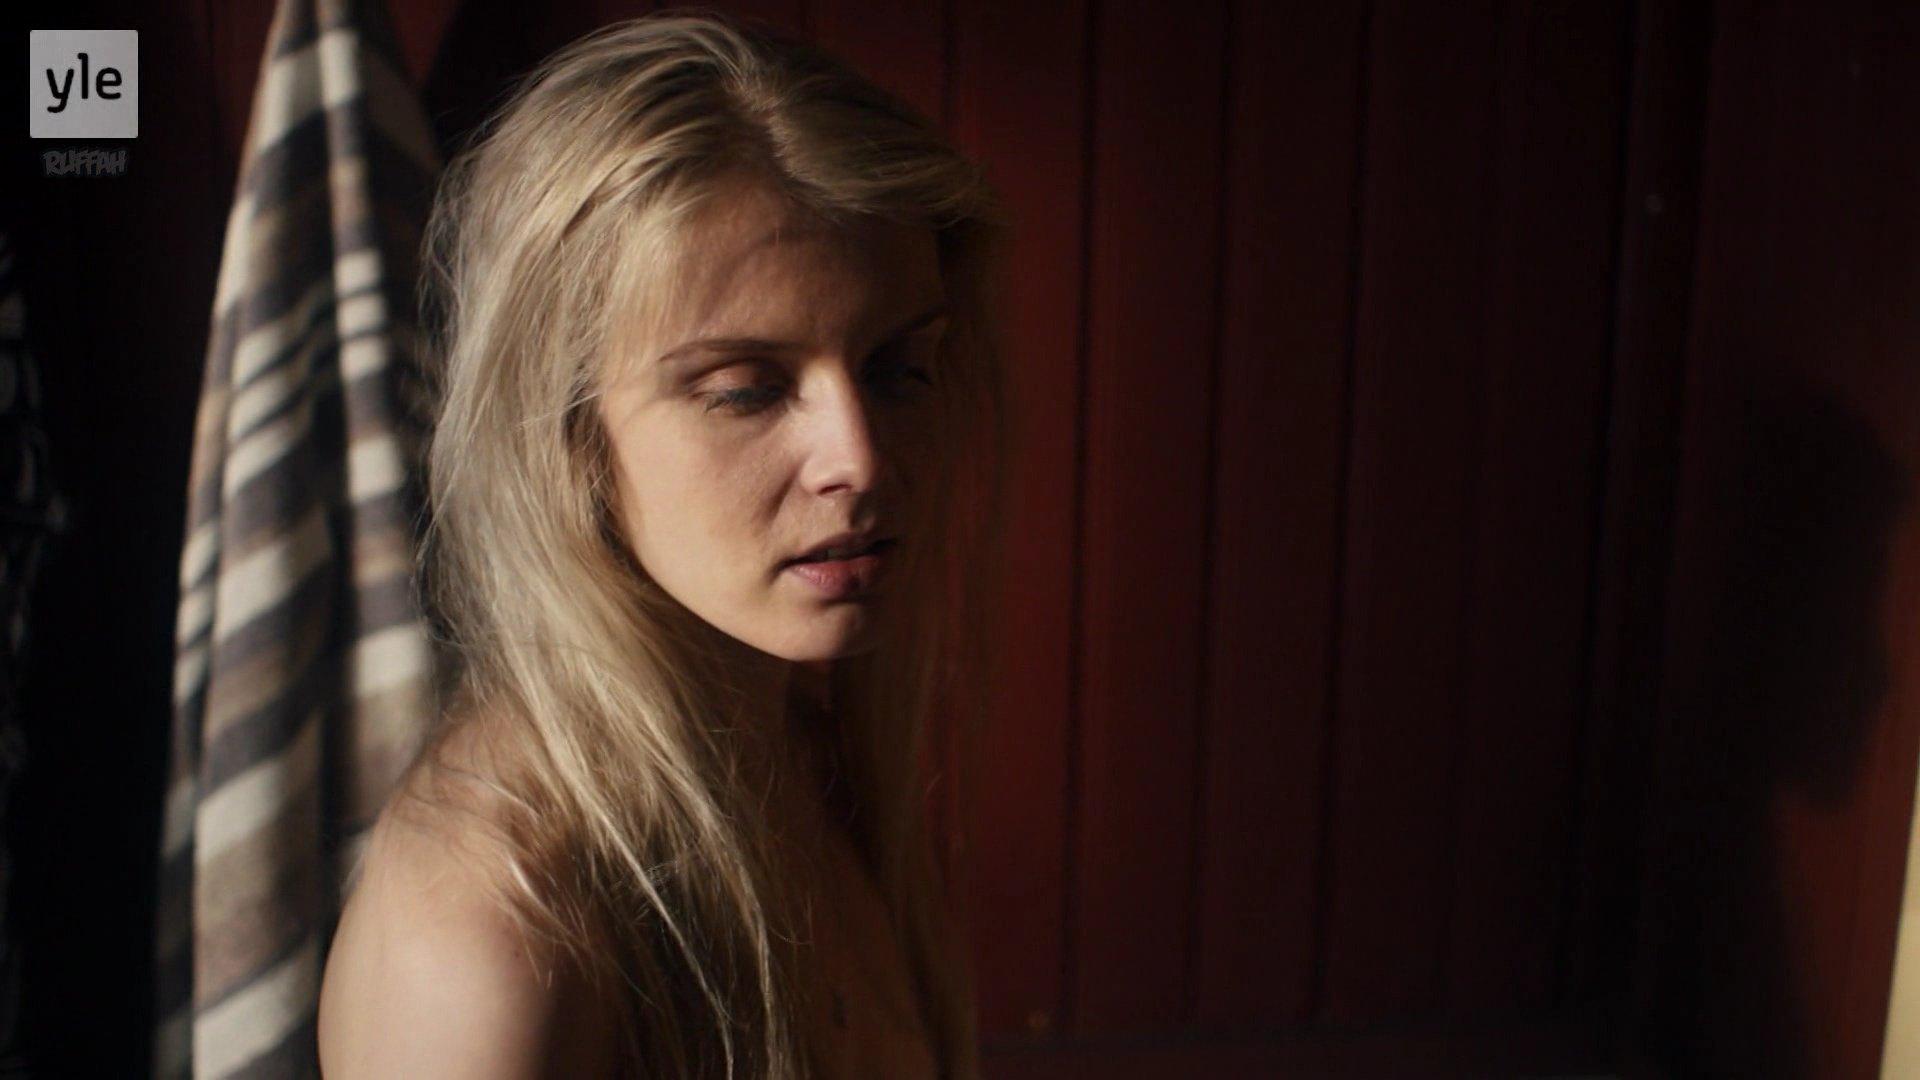 Alina Tomnikov nude - Donna s01e04 (2018)